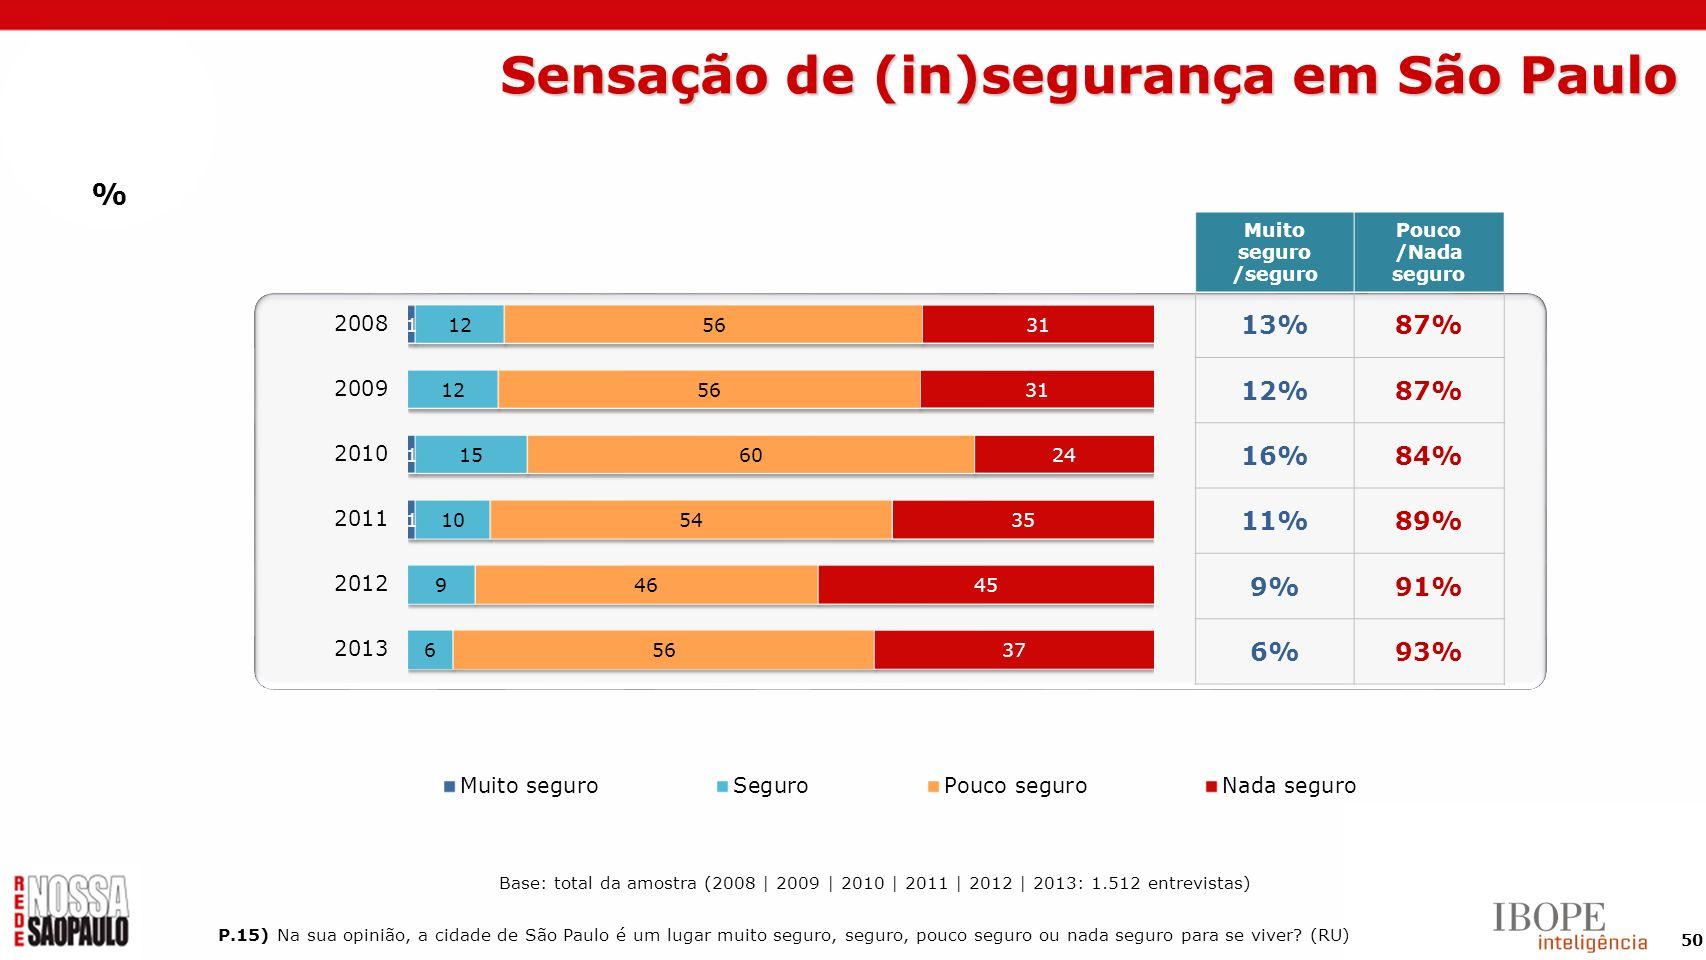 50 P.15) Na sua opinião, a cidade de São Paulo é um lugar muito seguro, seguro, pouco seguro ou nada seguro para se viver? (RU) Muito seguro /seguro P